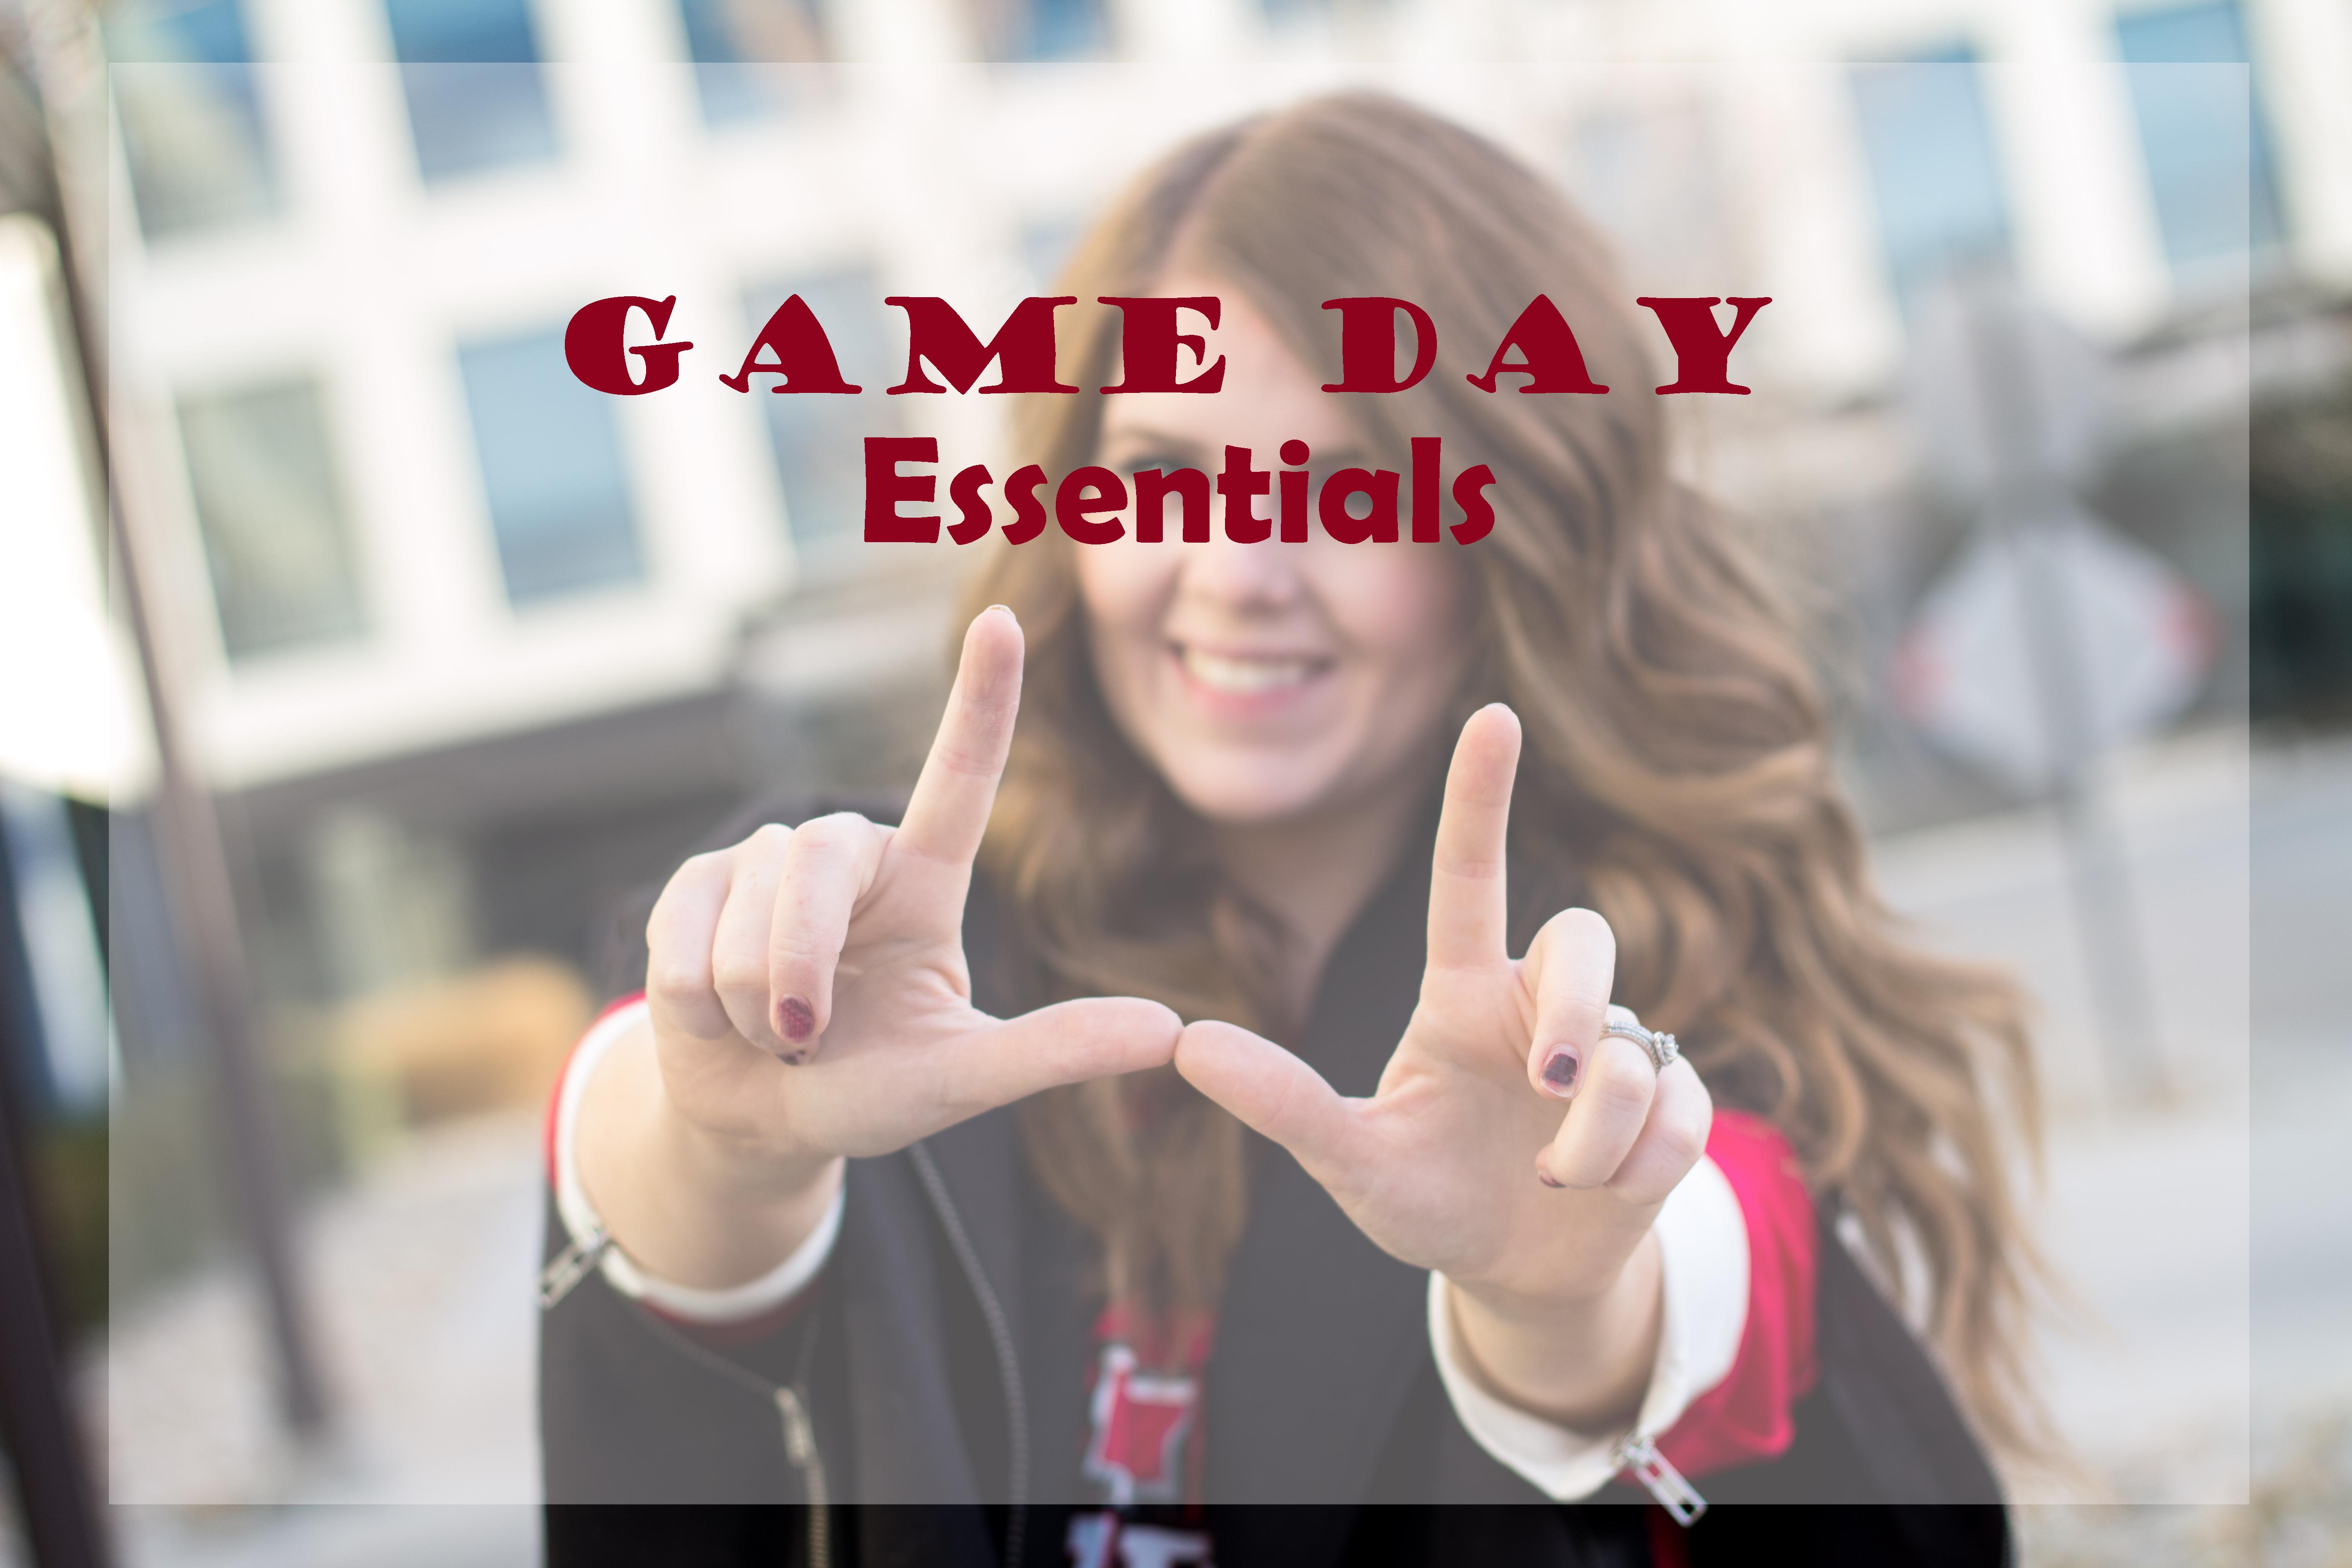 Game Day Essentials